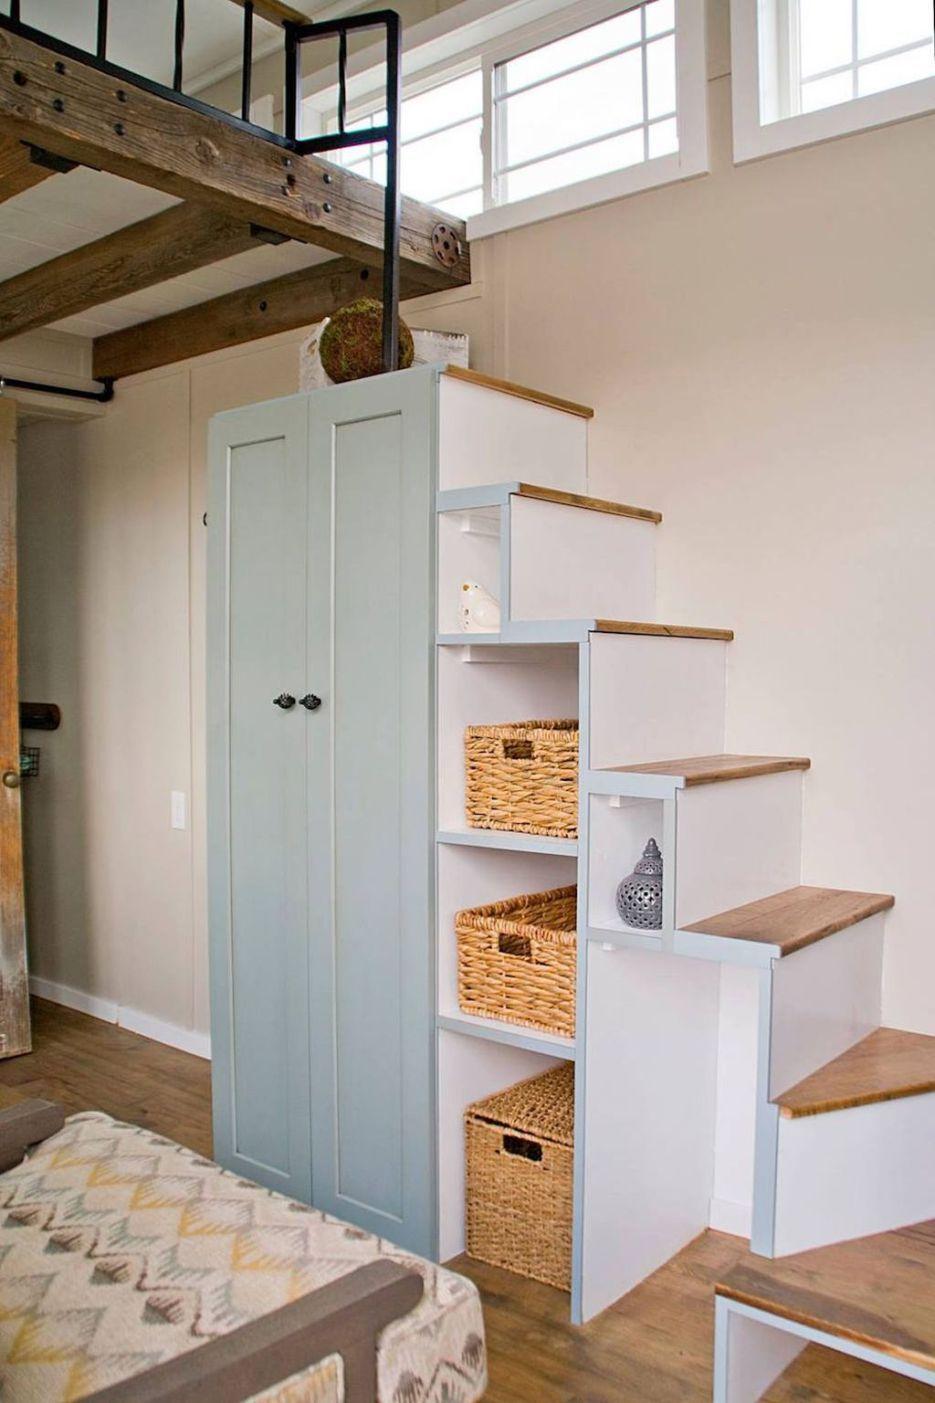 60 Tiny House Storage Hacks And Ideas 48